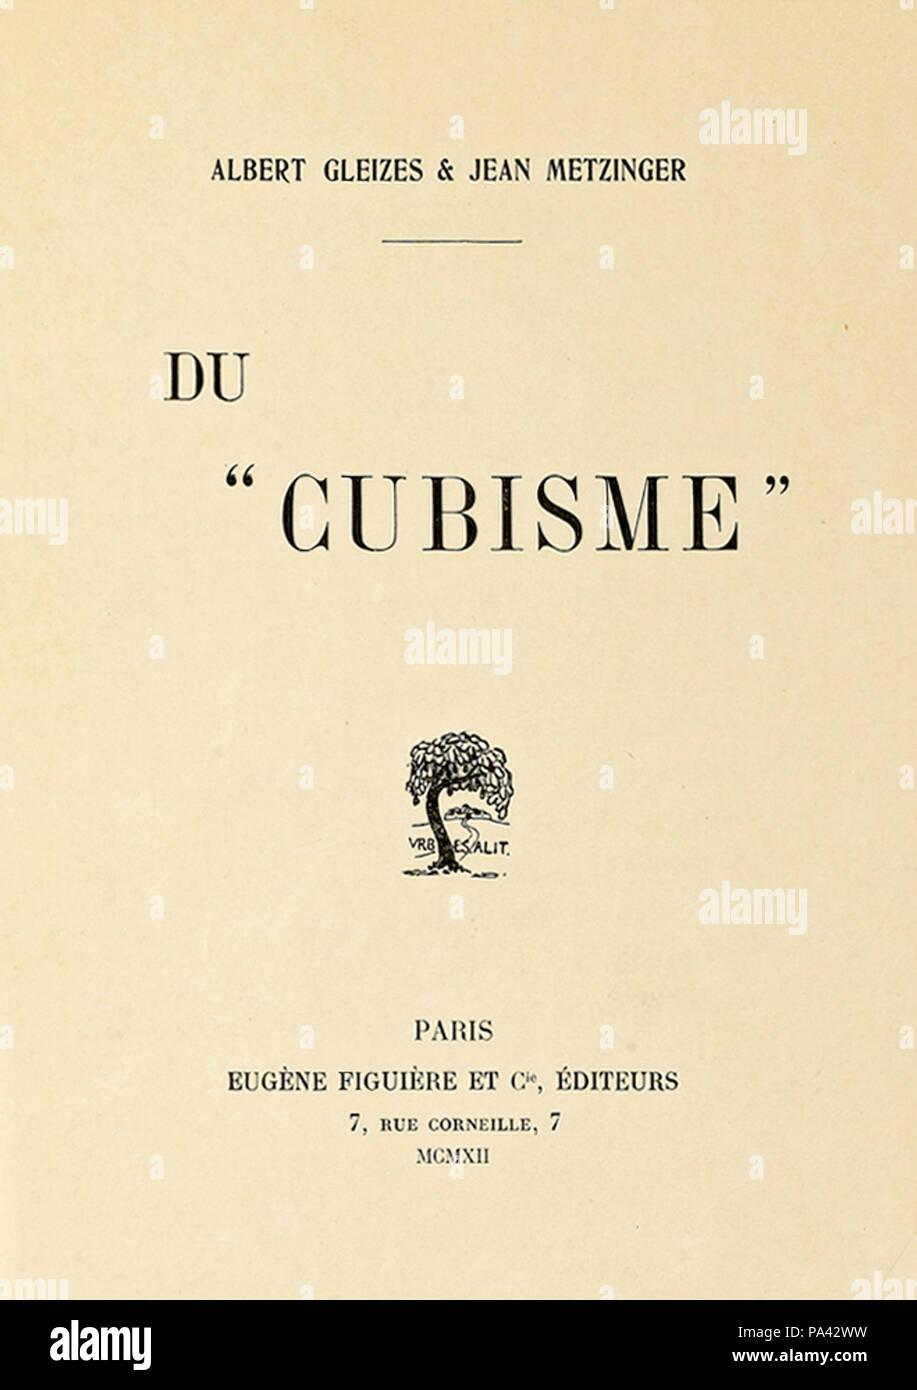 """593 Du """"Cubisme"""", 1912, Jean Metzinger, Albert Gleizes, Eugène Figuière Editeurs (cover) - Stock Image"""